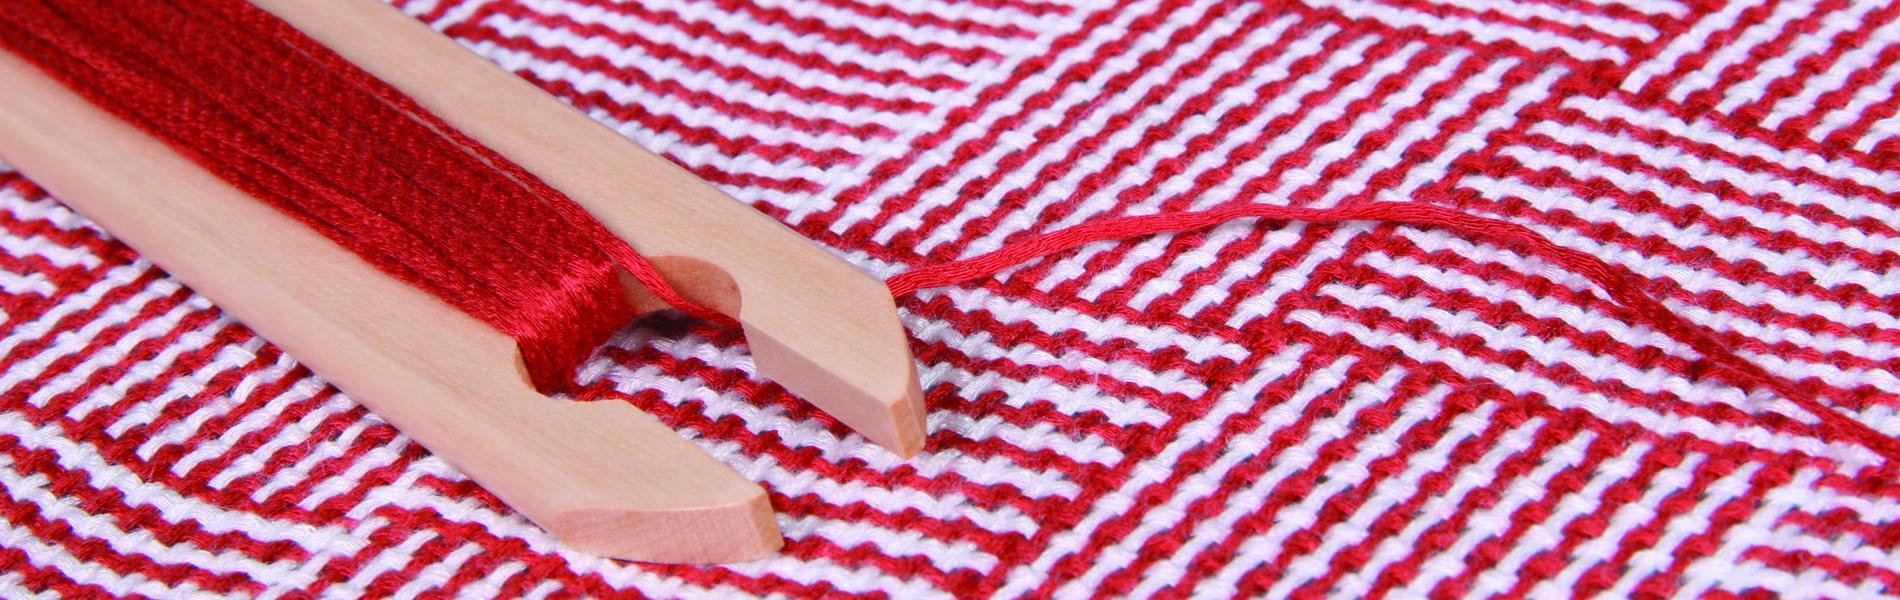 トップページ画像(織りイメージ)